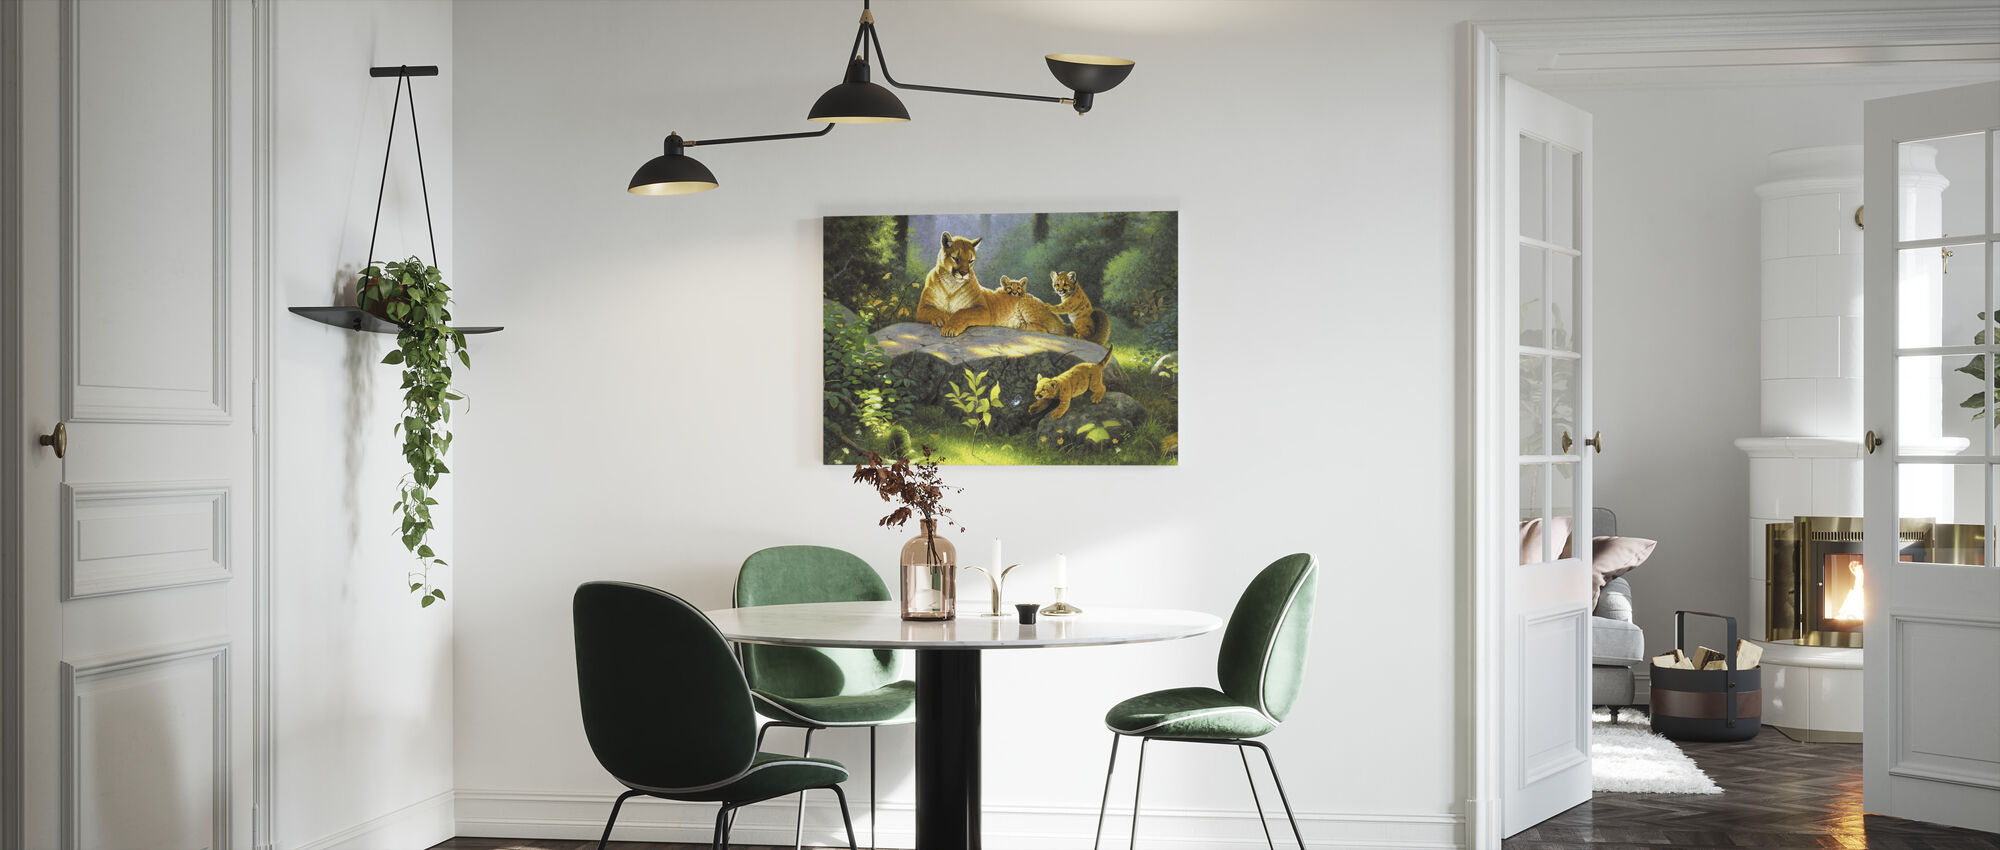 Puma & Welpen - Canvas print - Keuken